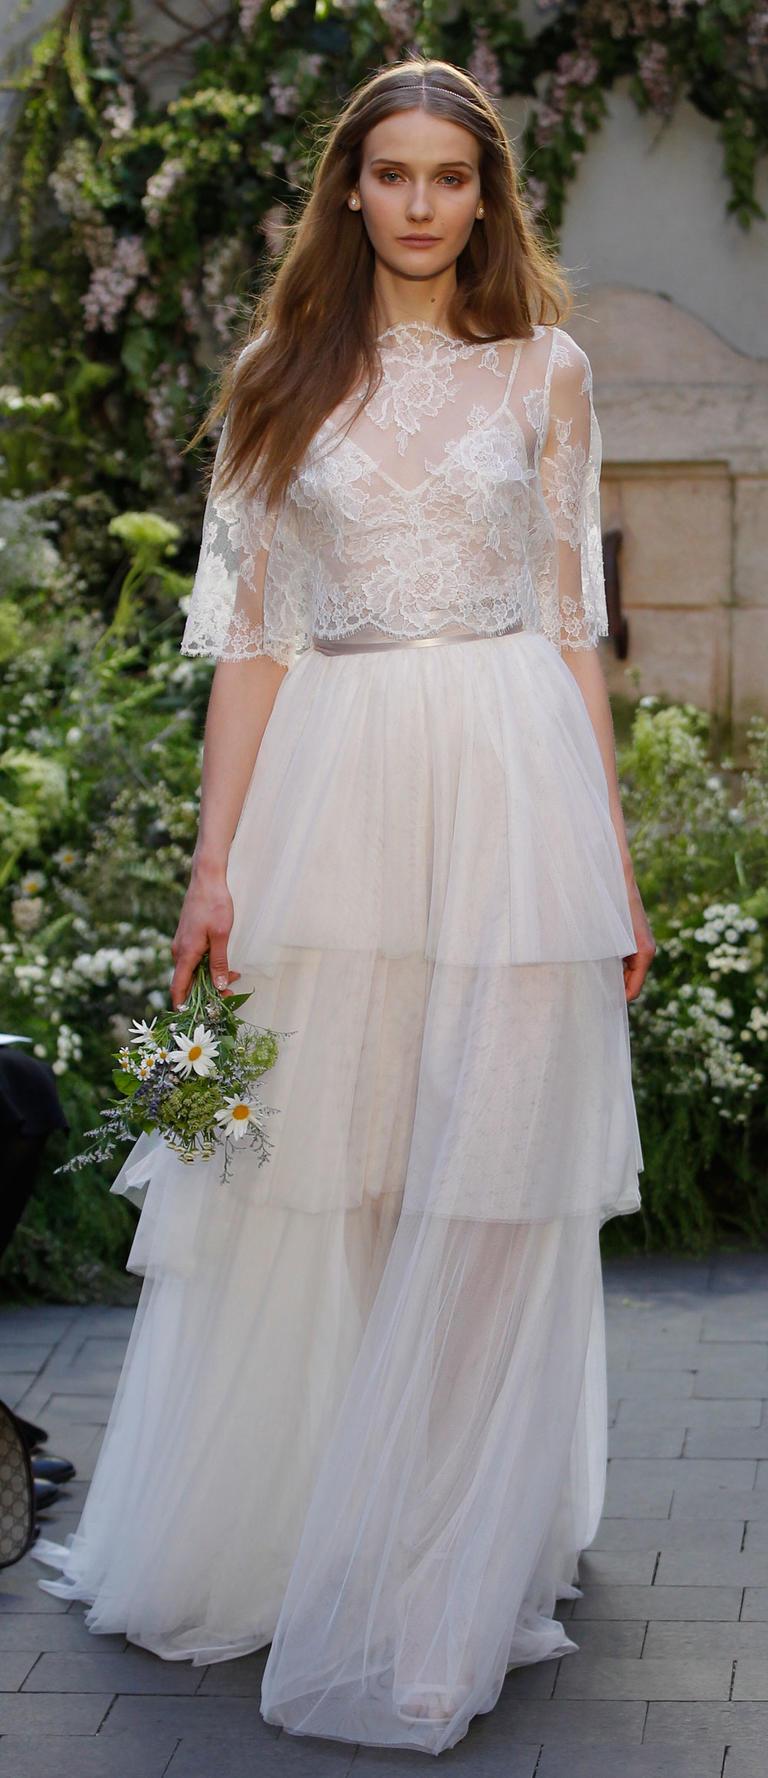 Коллекция свадебных платьев Monique Lhuillier весна 2017